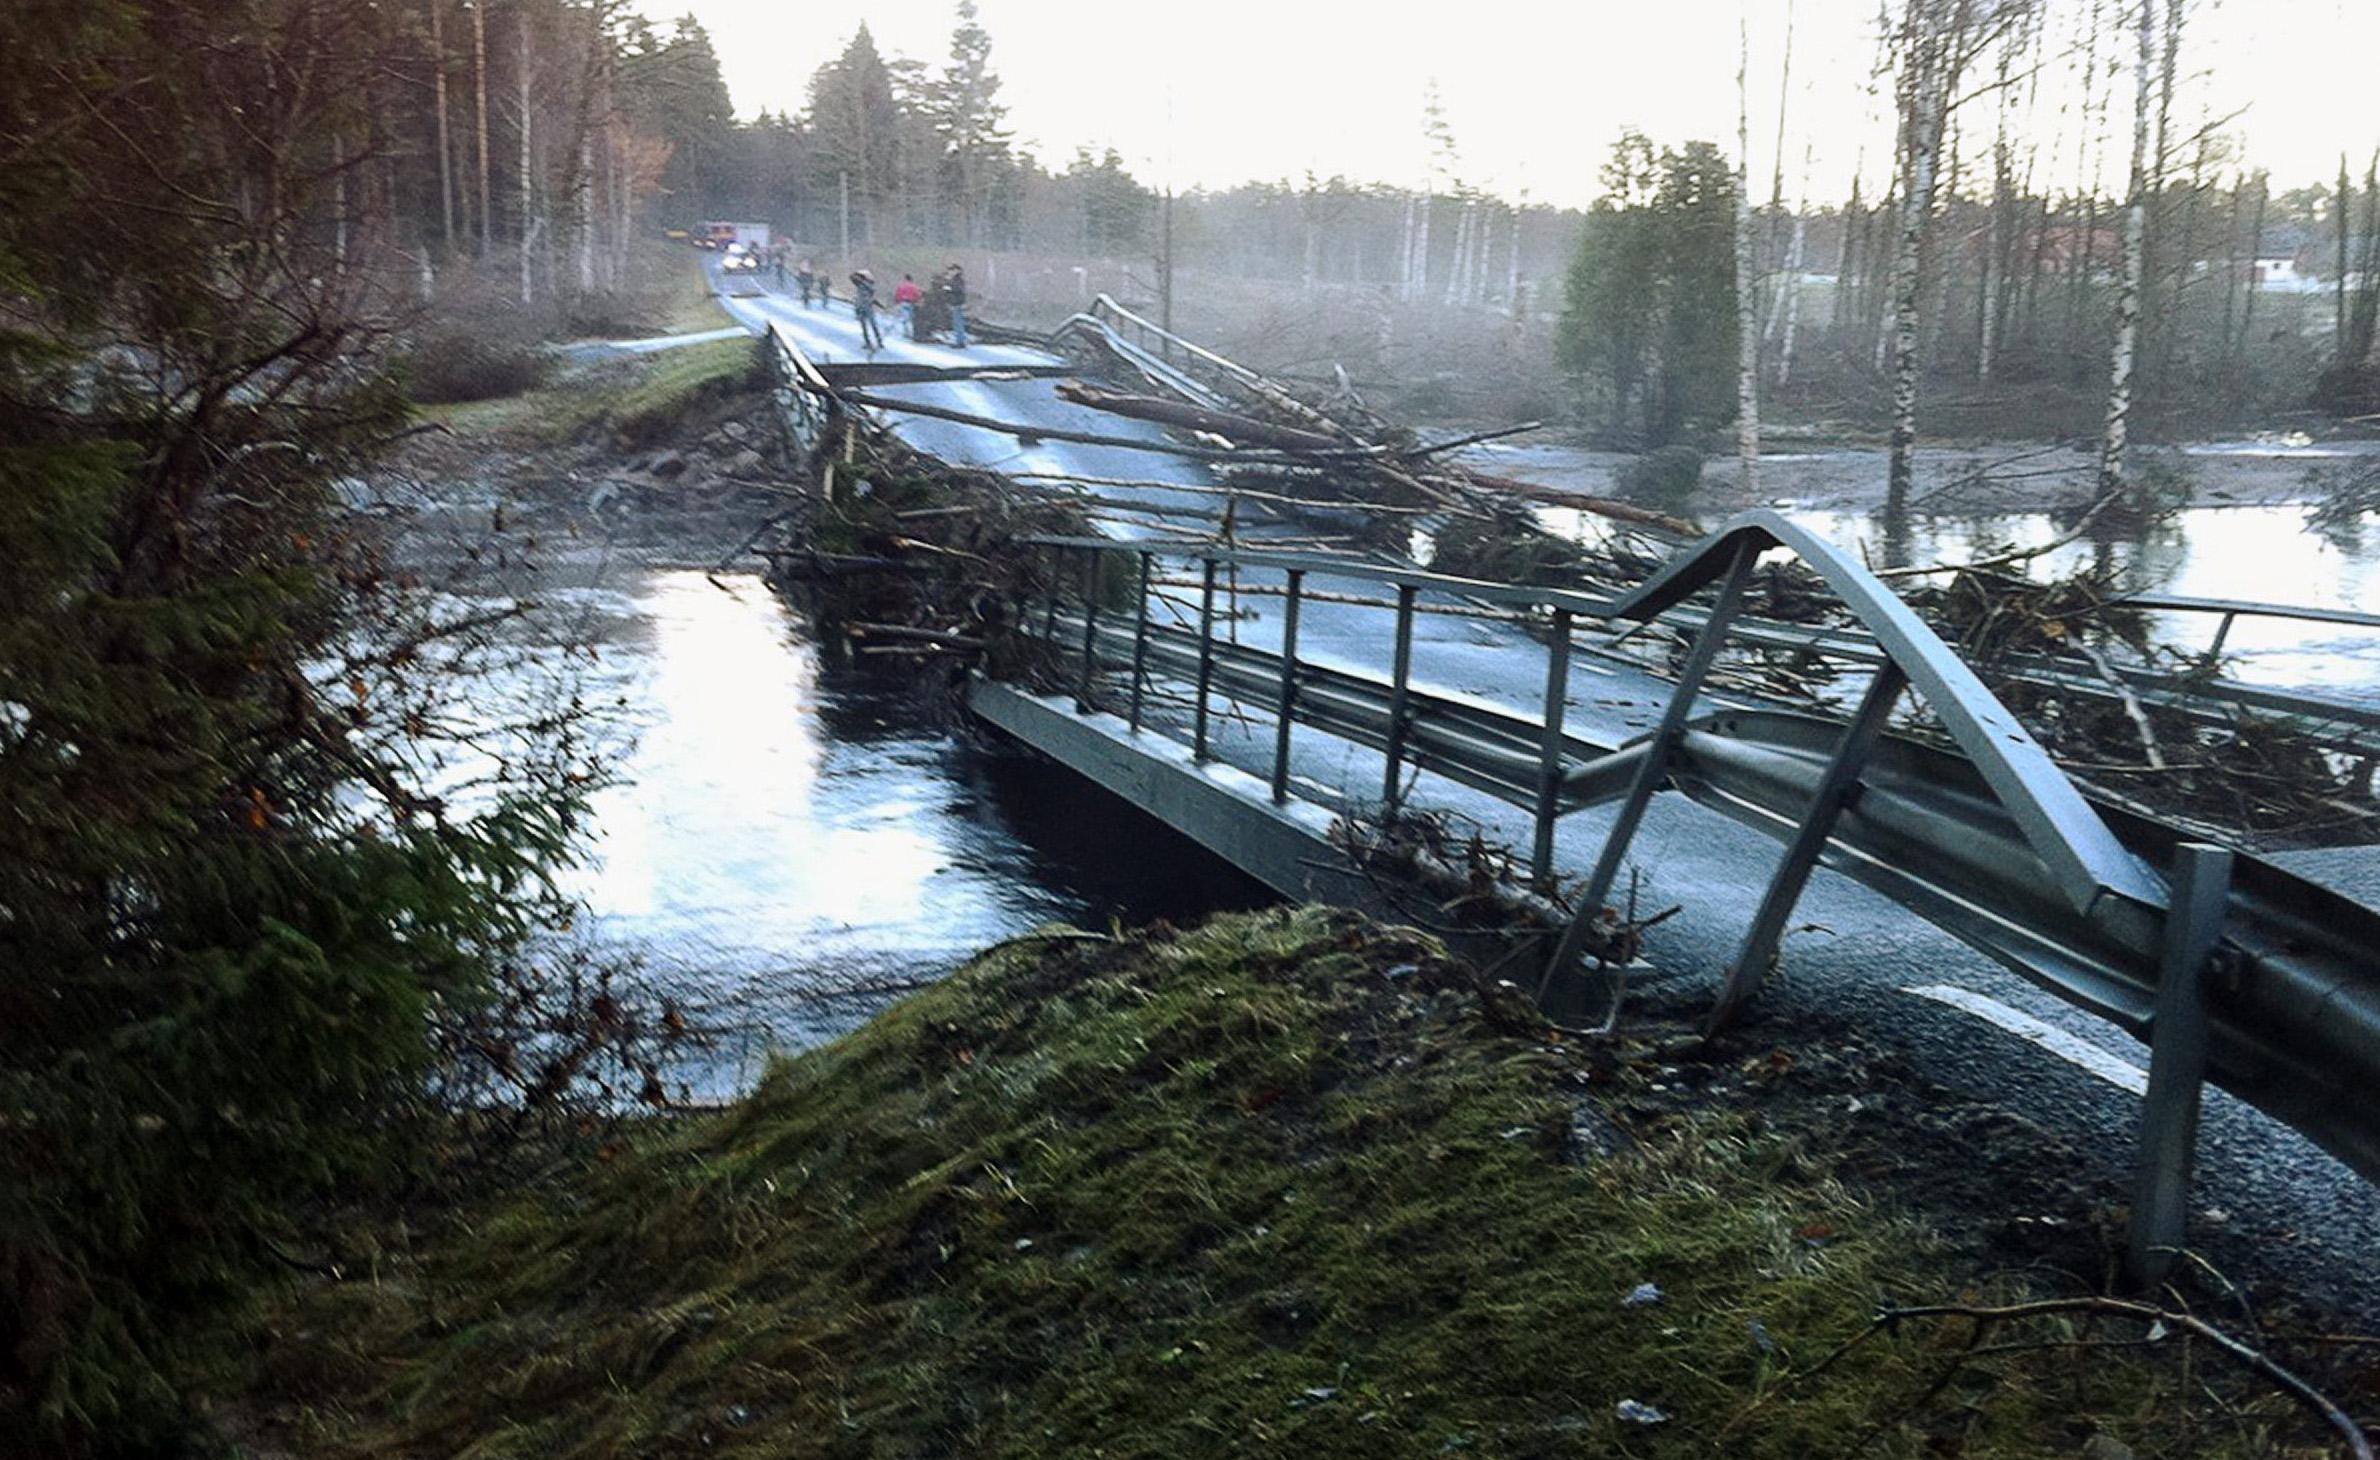 Externa experter utreder dammolyckan